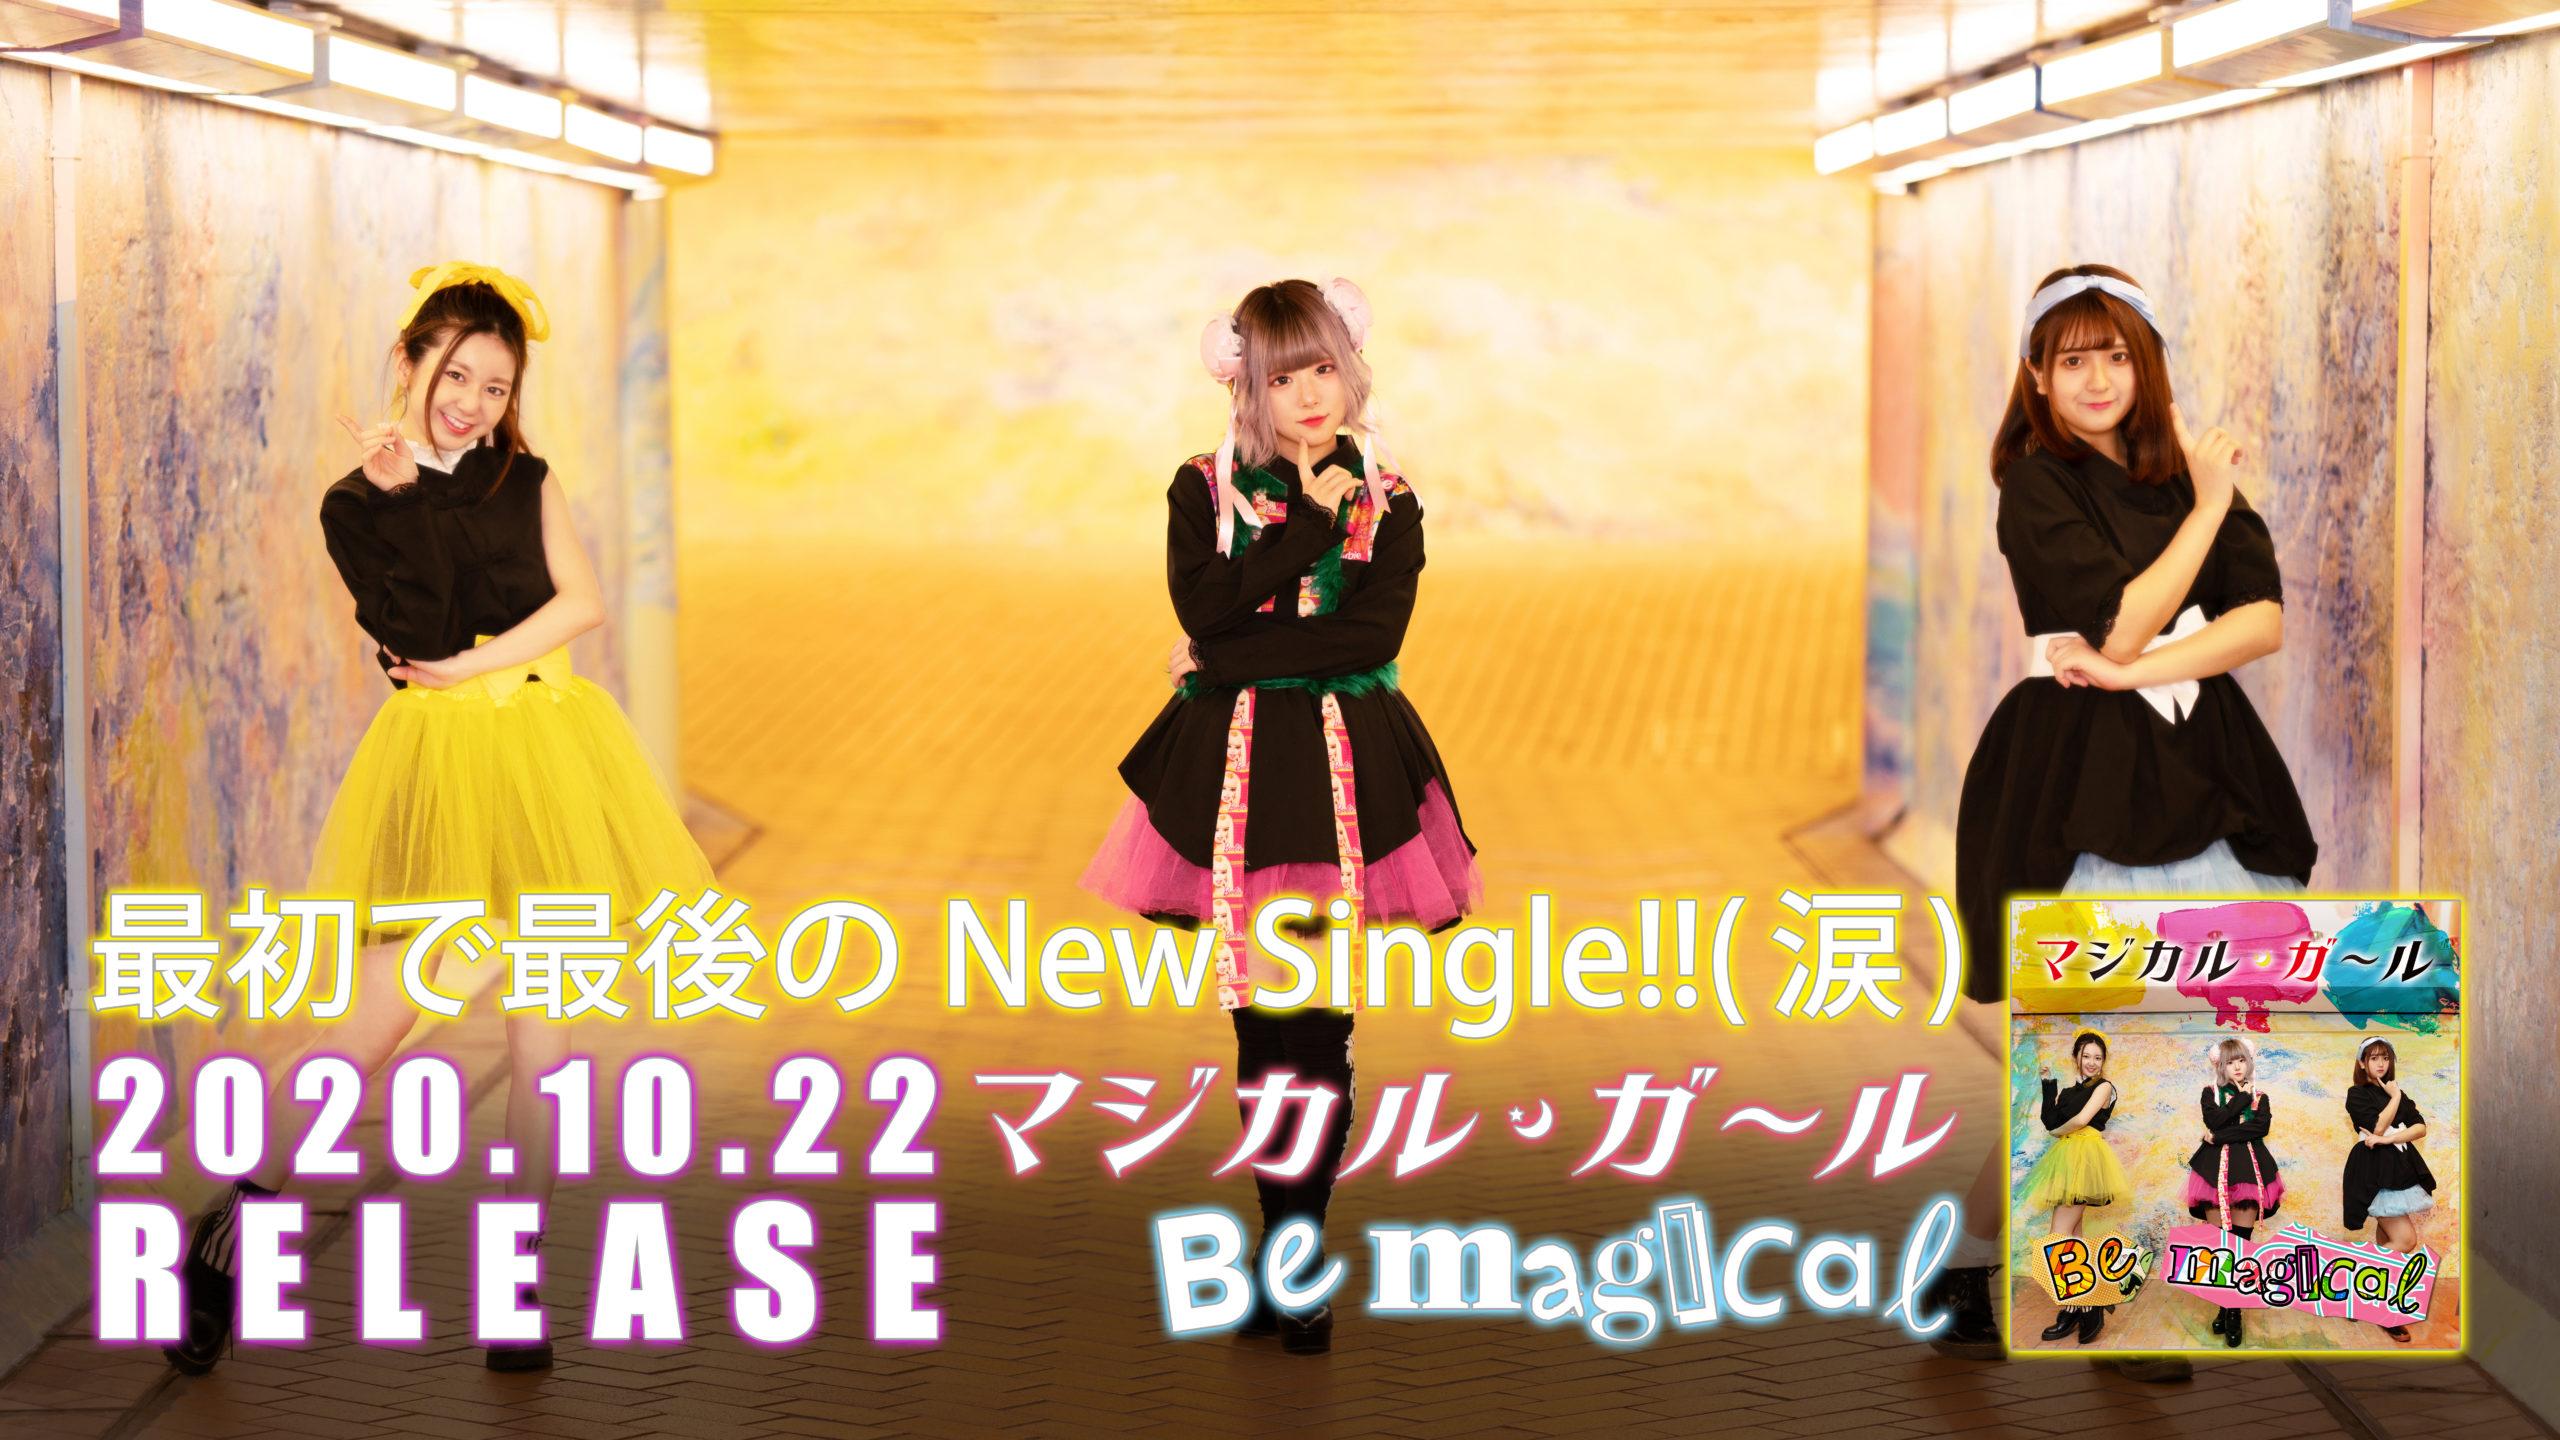 マジカル・ガール「Be magical」RELEASE